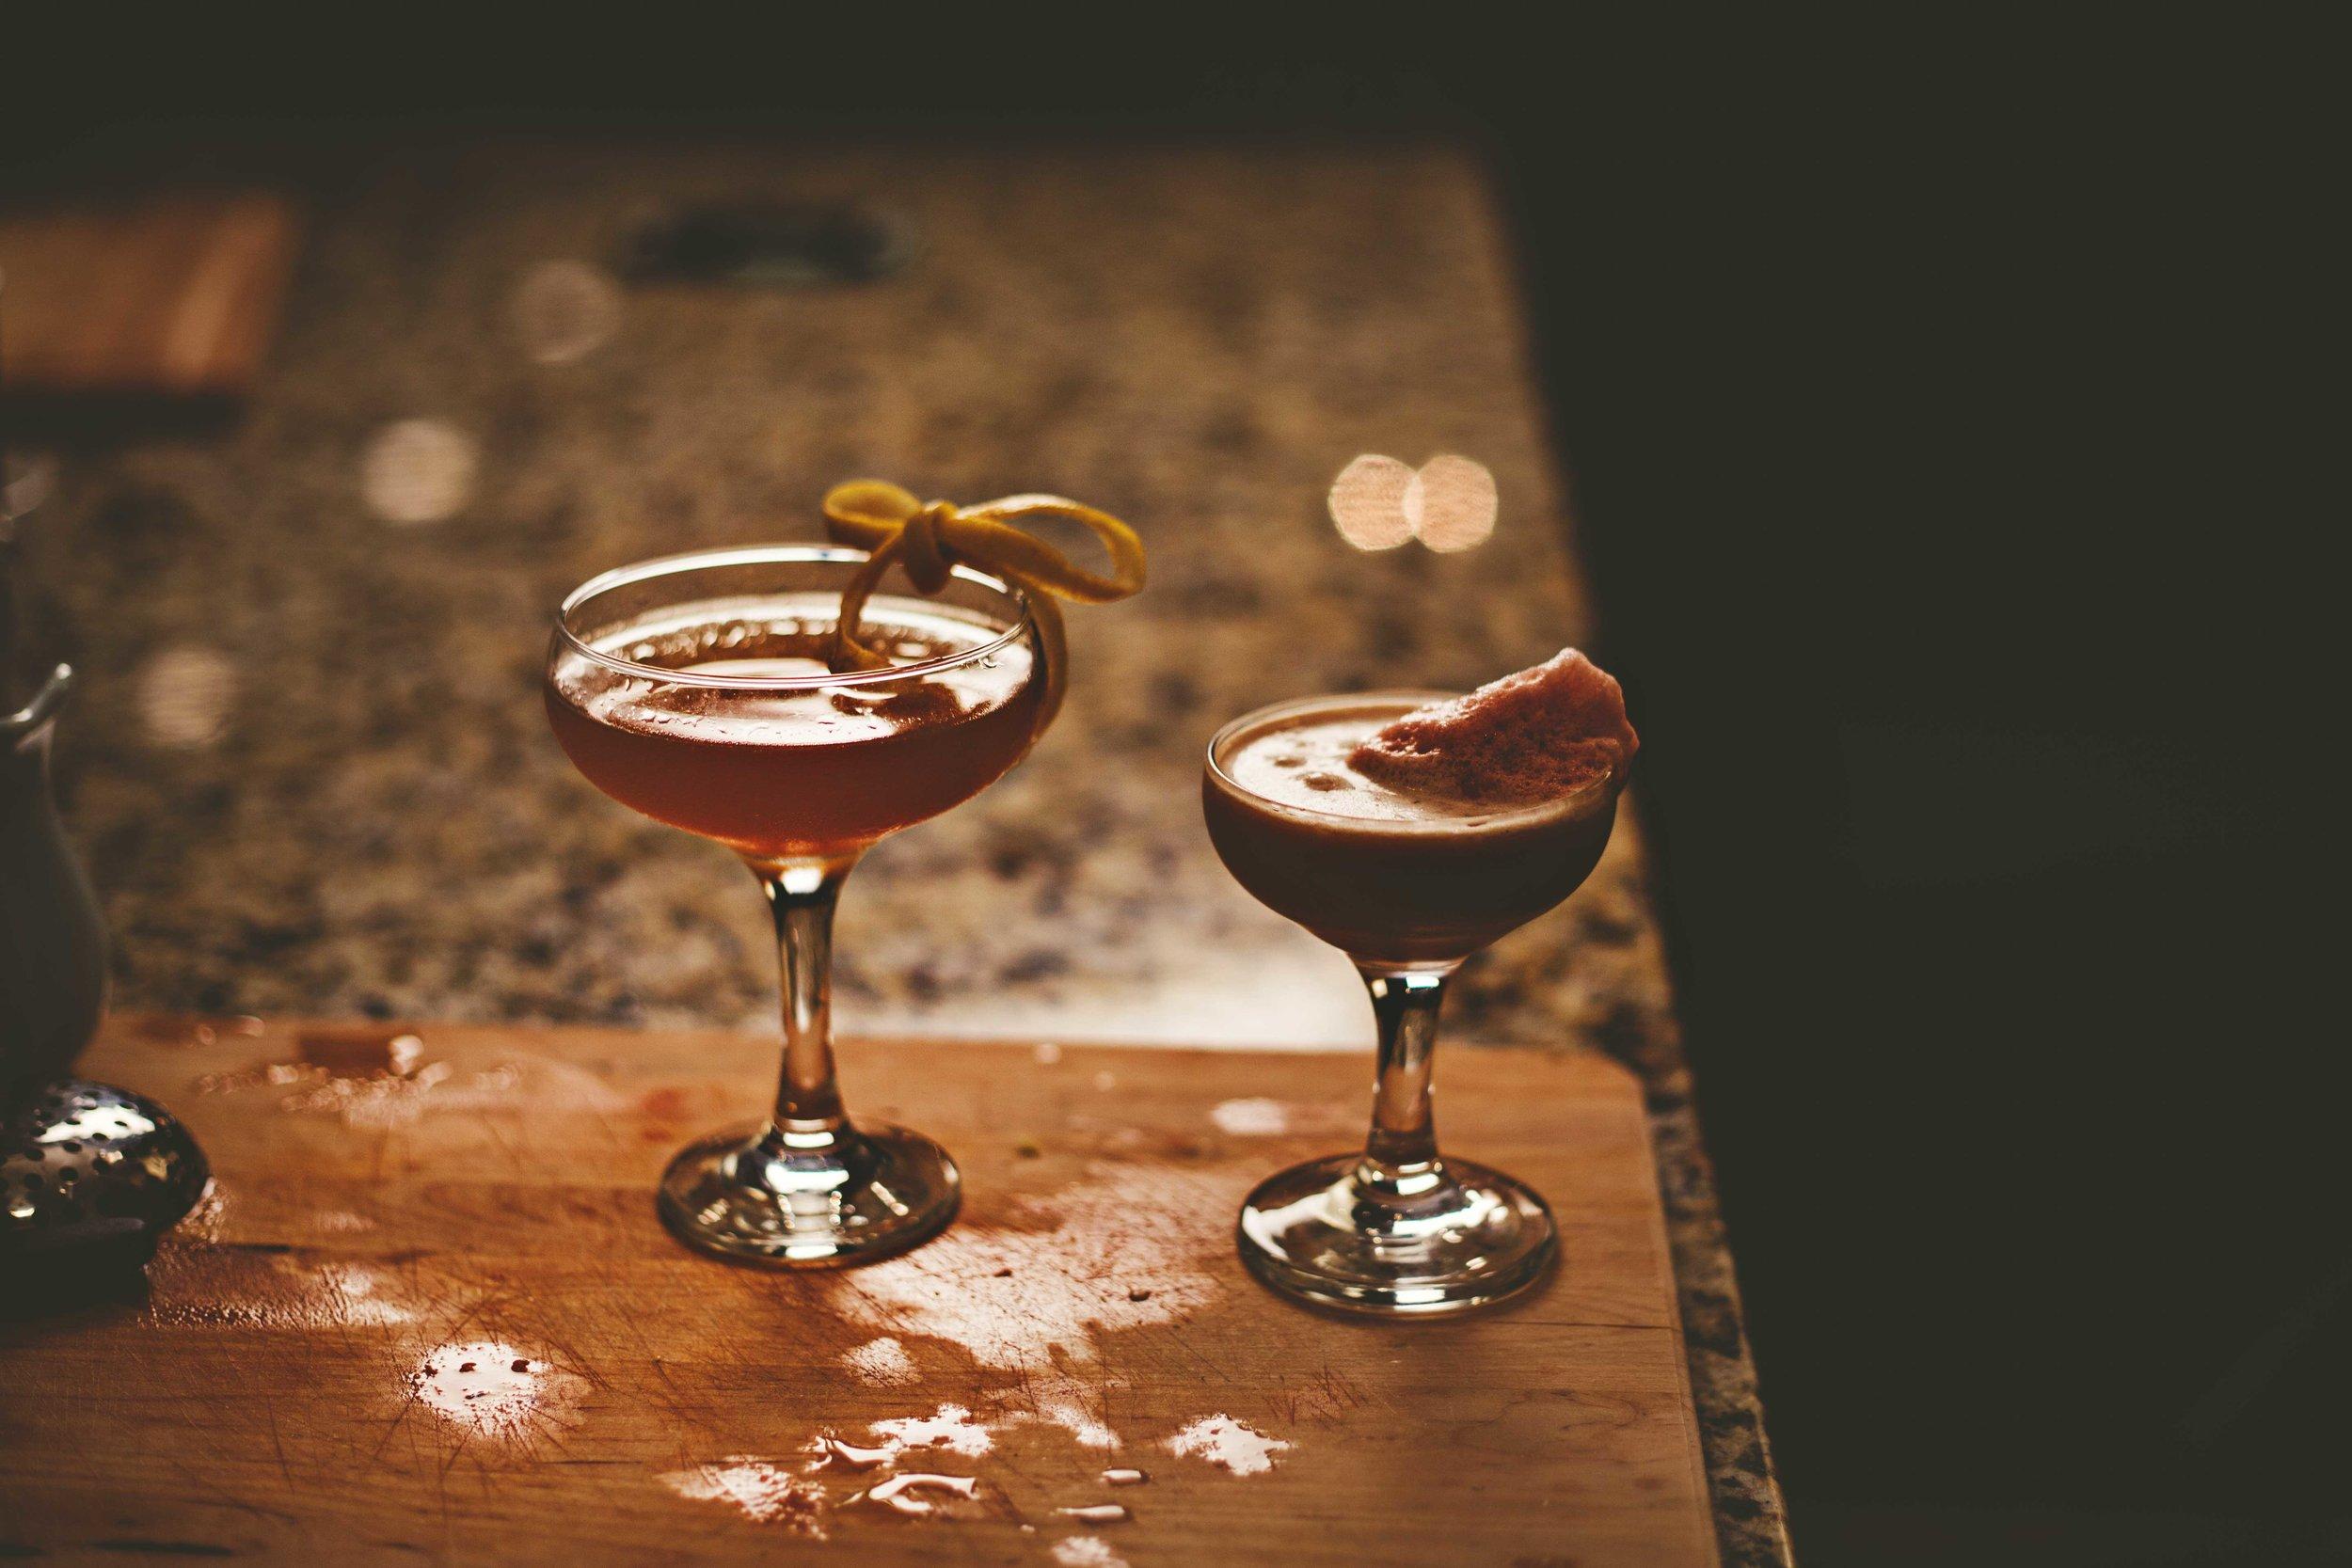 LeQuire-Photo-One-Table-debate-drinks-002.jpg